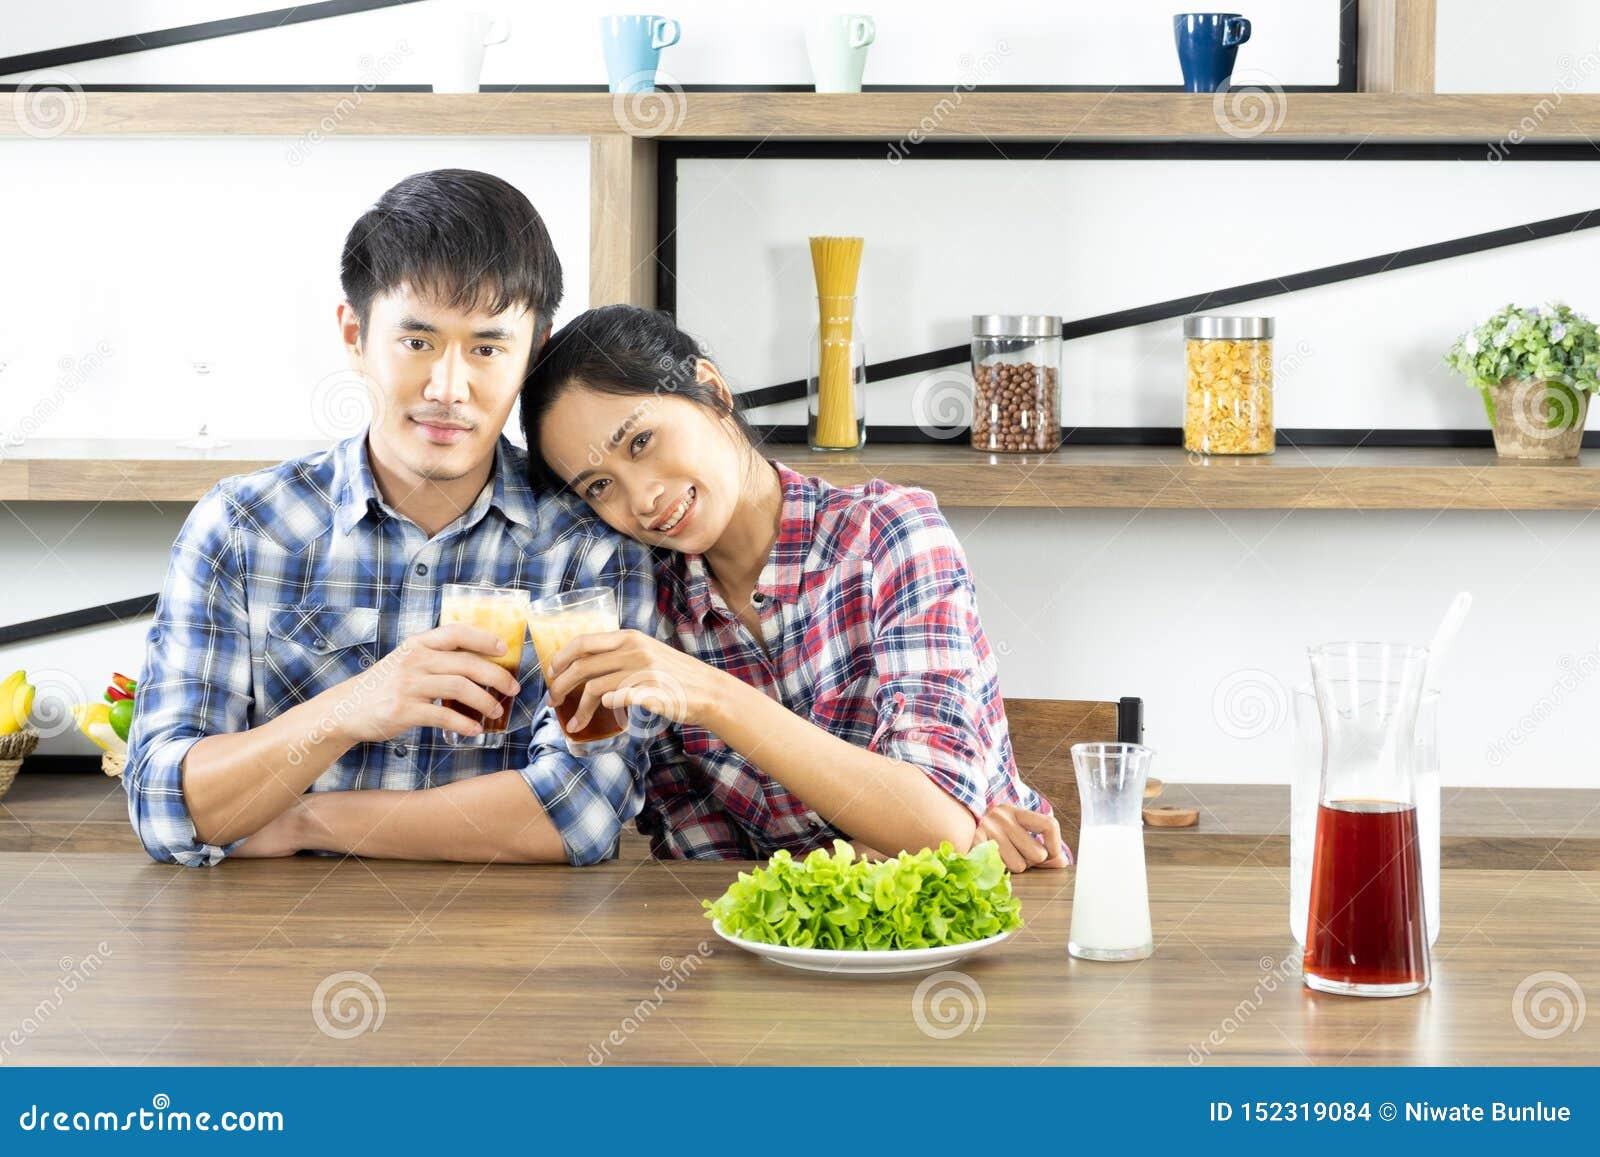 Unga asiatiska par ?r lyckliga att laga mat tillsammans, tv? familjer hj?lper sig att f?rbereda sig att laga mat i k?ket